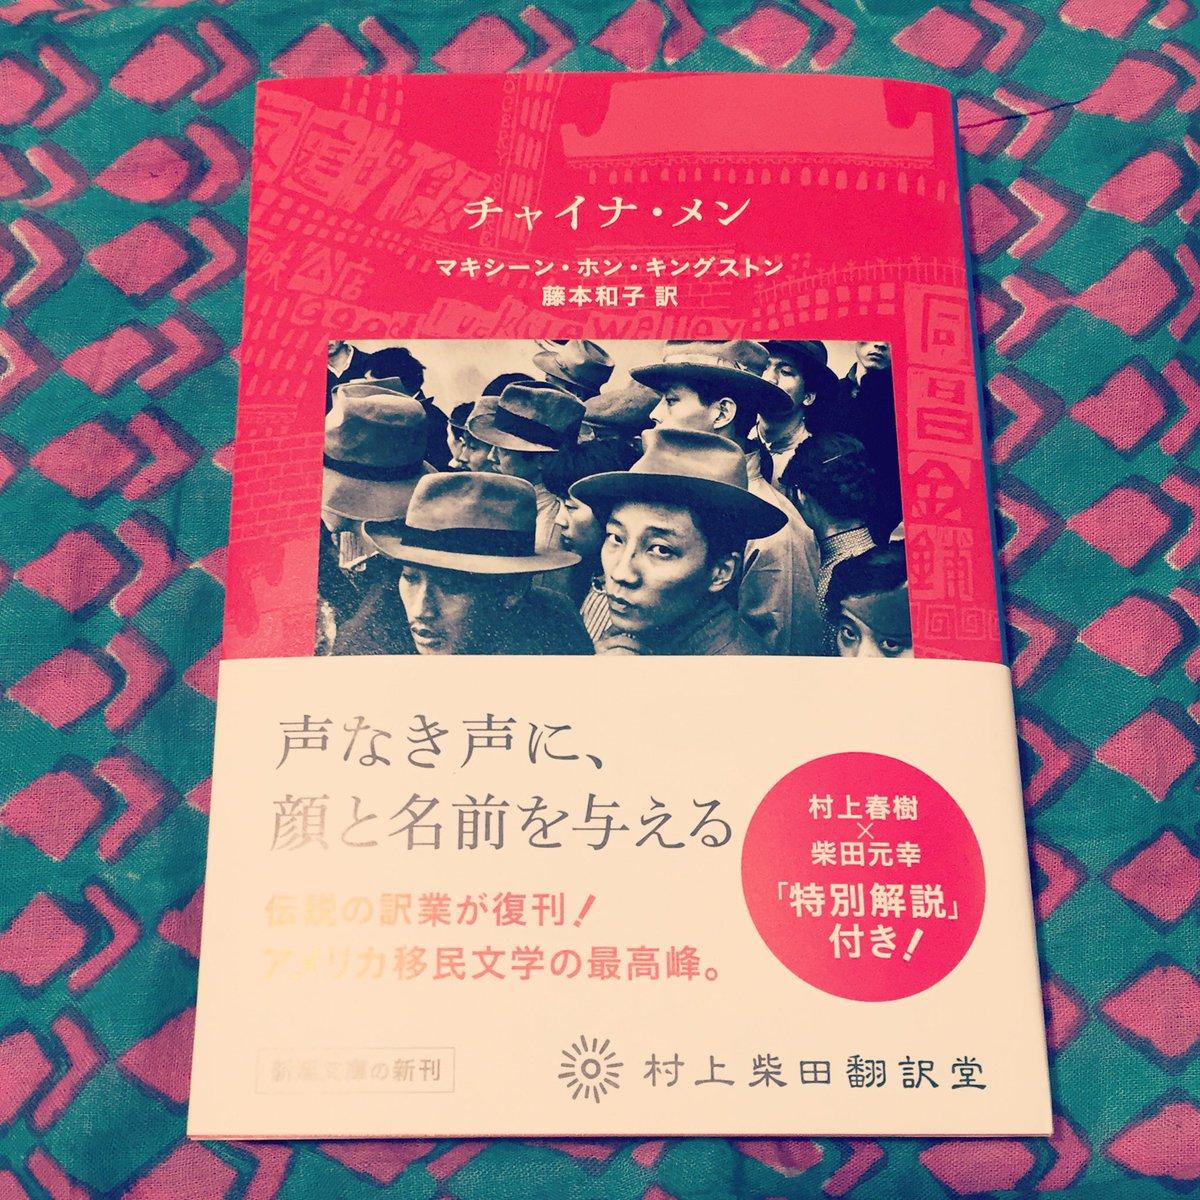 ブローディガンの翻訳で有名な藤本和子さんが訳した『アメリカの中国人』(昌文社)が新潮文庫《村上柴田翻訳堂》で改題され復刊! 「かつてアメリカを目指して海を渡った中国人たち」の話で、これも『屋根裏の仏さま』とつながるではないか!! https://t.co/Y9OLV7X5Wo